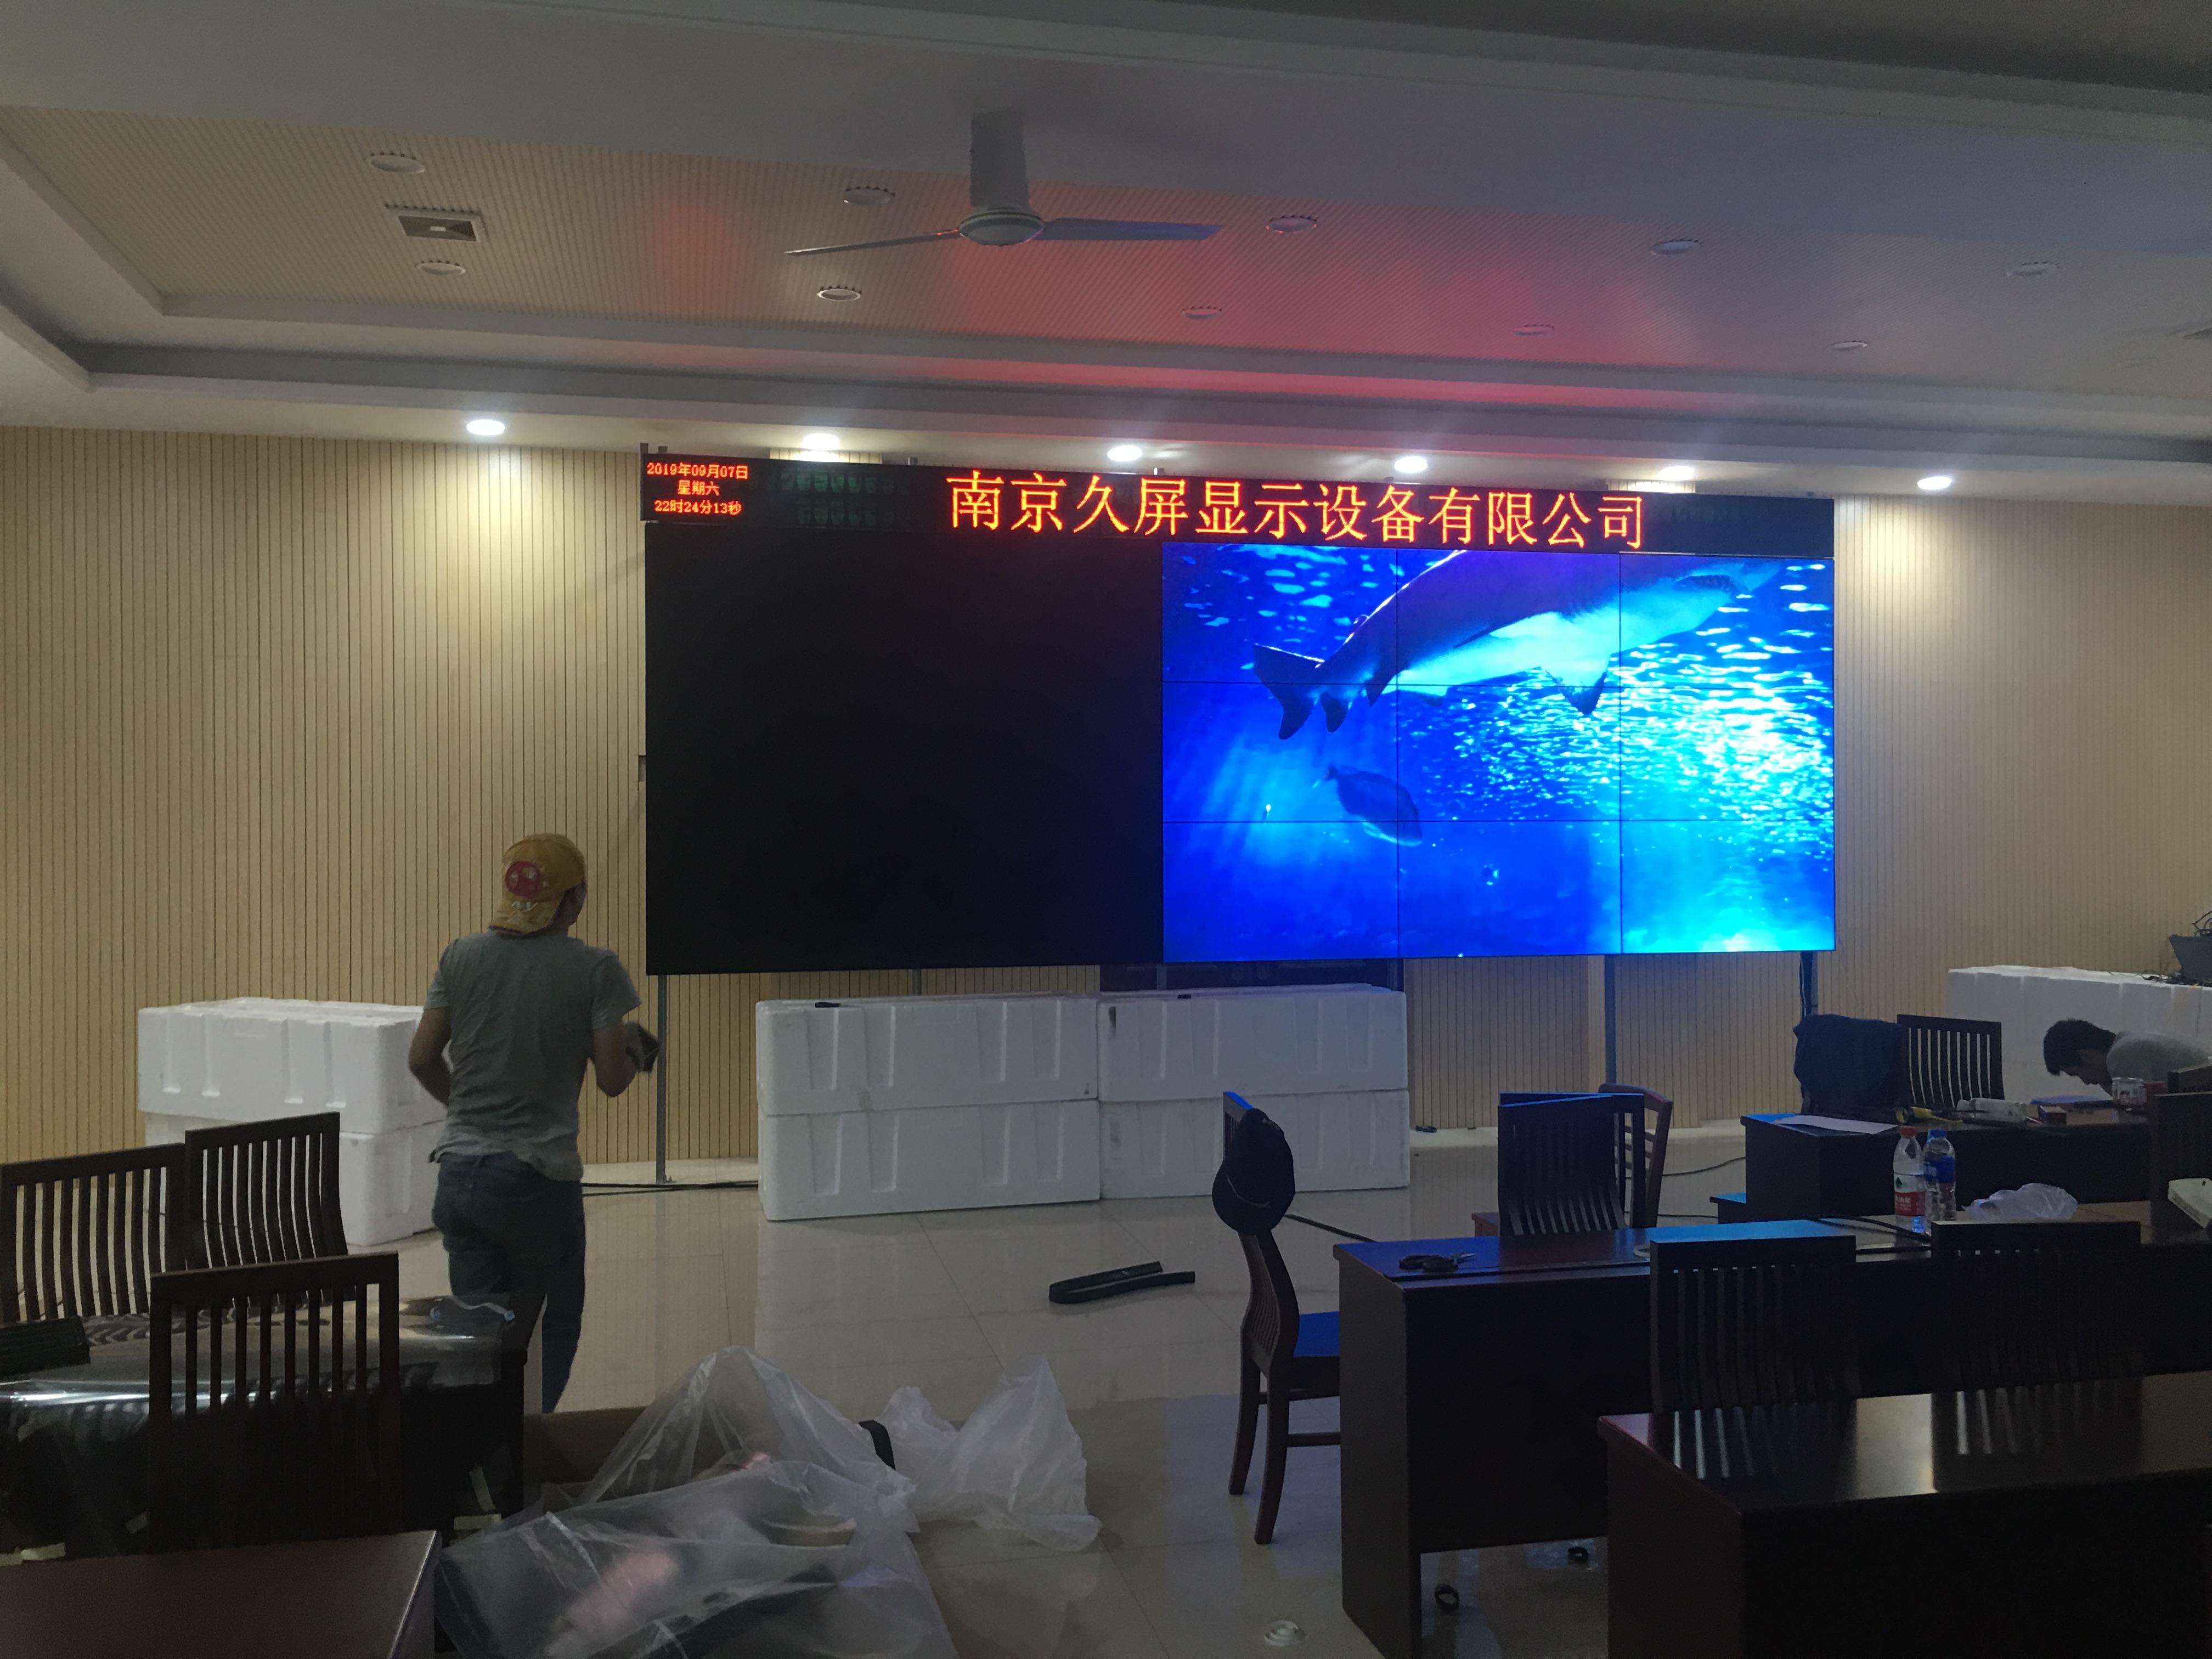 苏州常熟党群服务中心